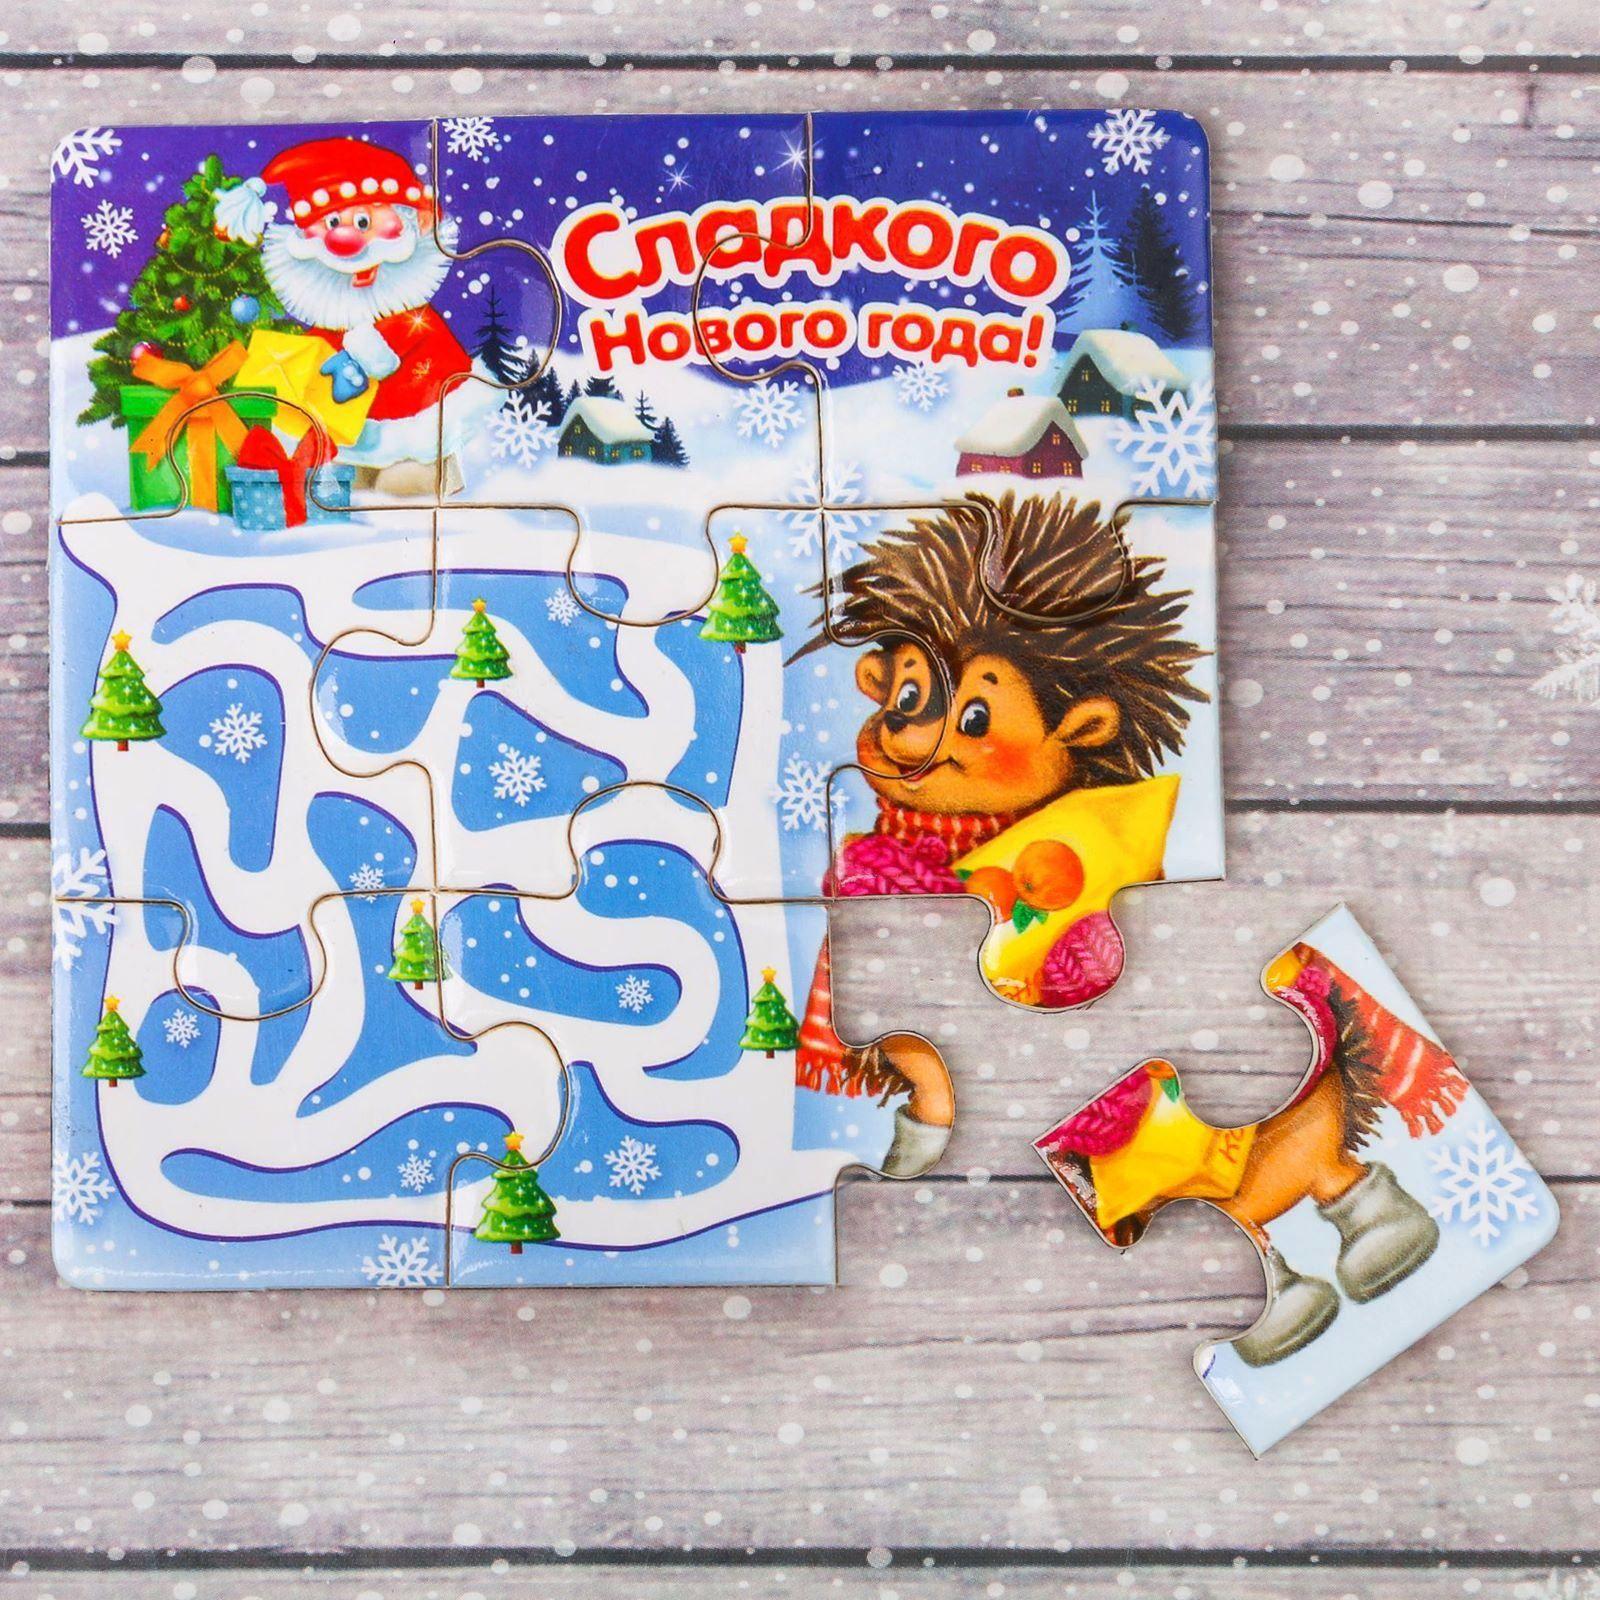 Магнит-пазл Sima-land Сладкого Нового года, 9 х 9 см1933292Порадуйте родных и близких оригинальным сувениром: преподнесите в подарок магнит. С ним даже самый серьёзный человек почувствует себя ребёнком, ожидающим чудо! Создайте праздничное настроение, и оно останется с вами на весь год.